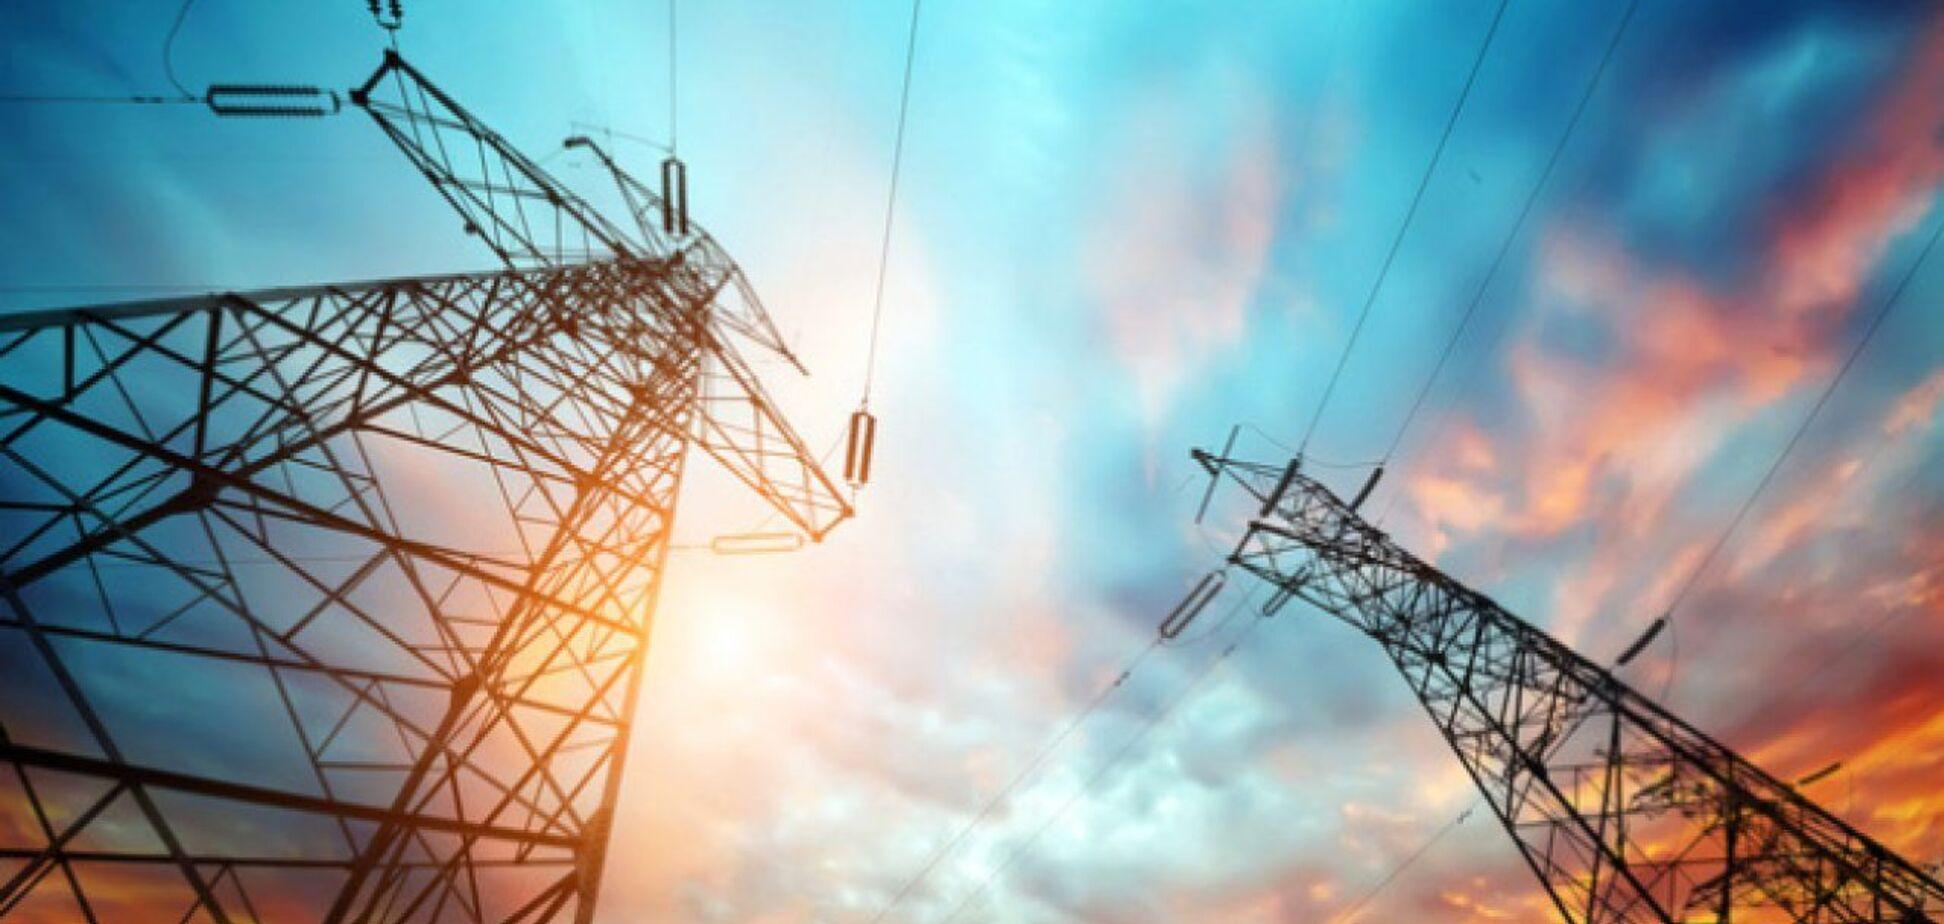 Чрезмерное вмешательство НКРЭКУ стало ключевой проблемой для рынка электроэнергии – экспертный совет Минэнерго